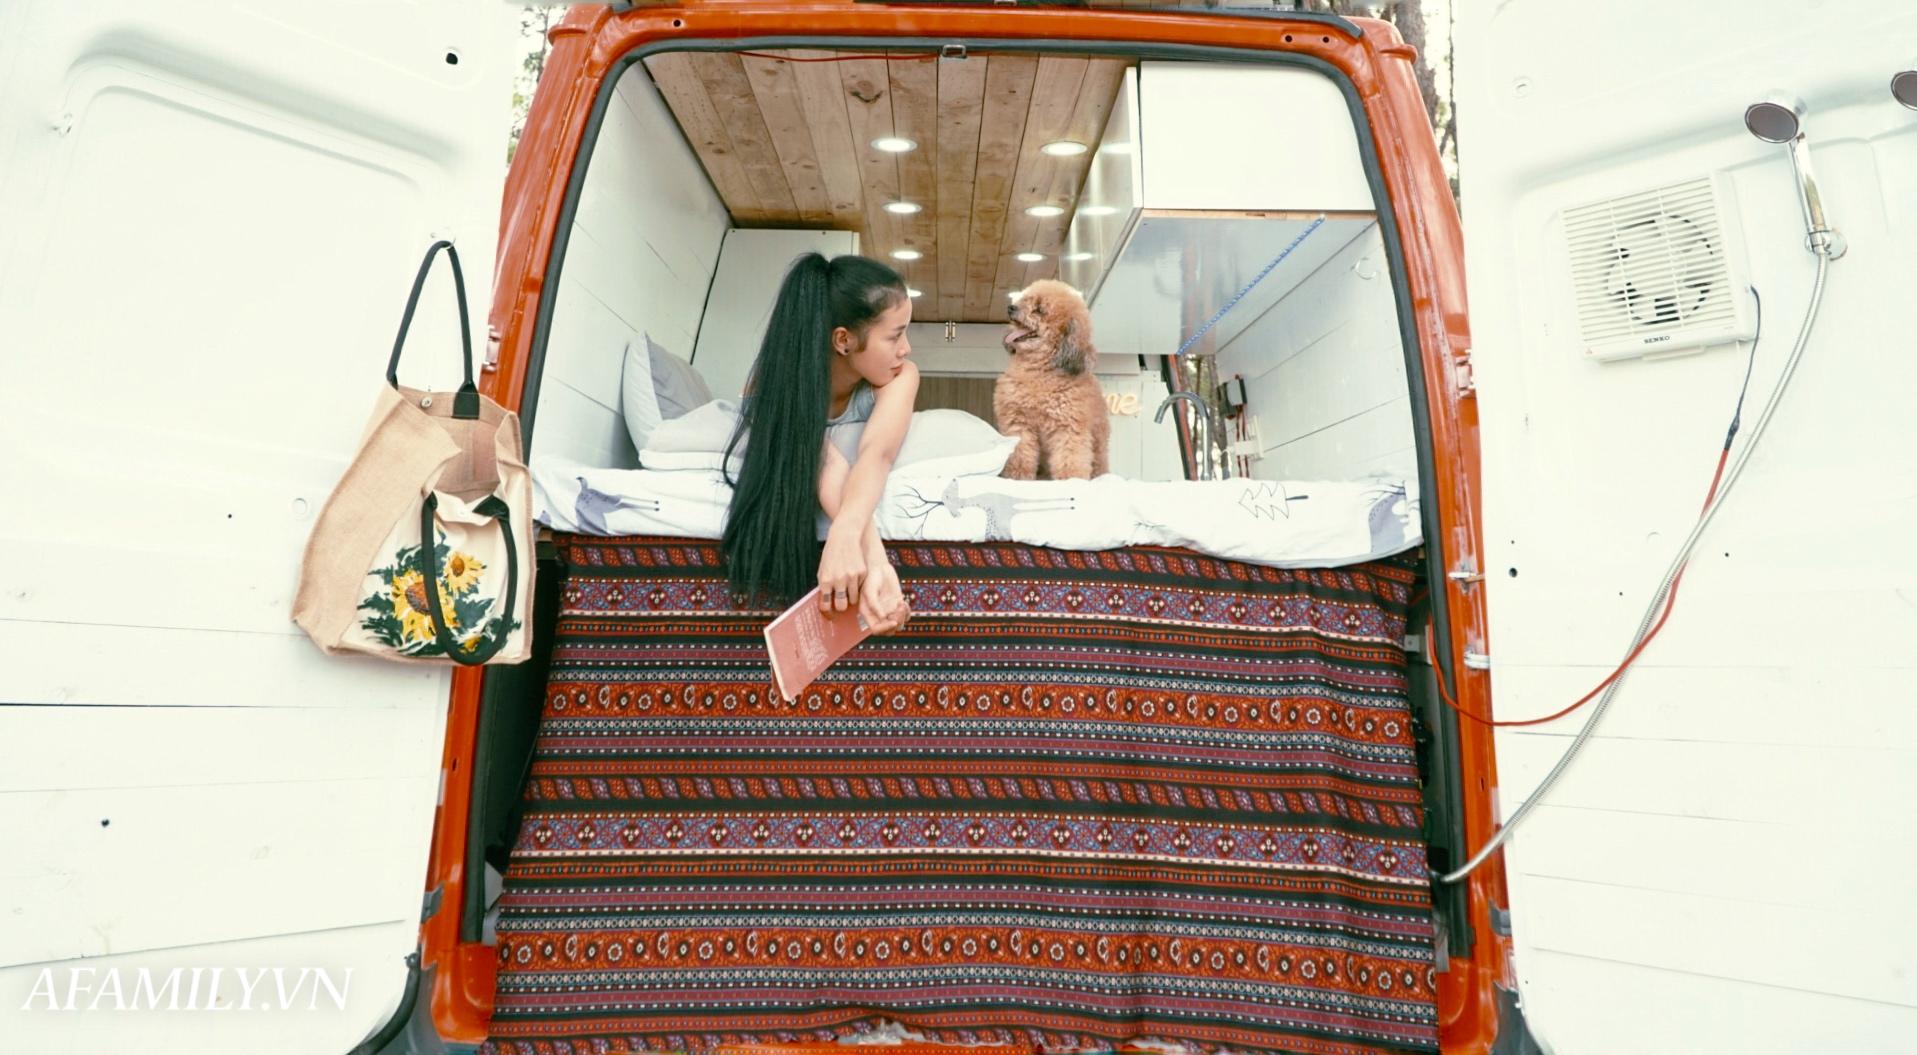 Đôi vợ chồng bỏ 120 triệu đồng mua ô tô cũ về làm thành ngôi nhà di động với đầy đủ bếp núc, phòng ngủ rồi chở con đi du lịch khắp Việt Nam! - Ảnh 8.